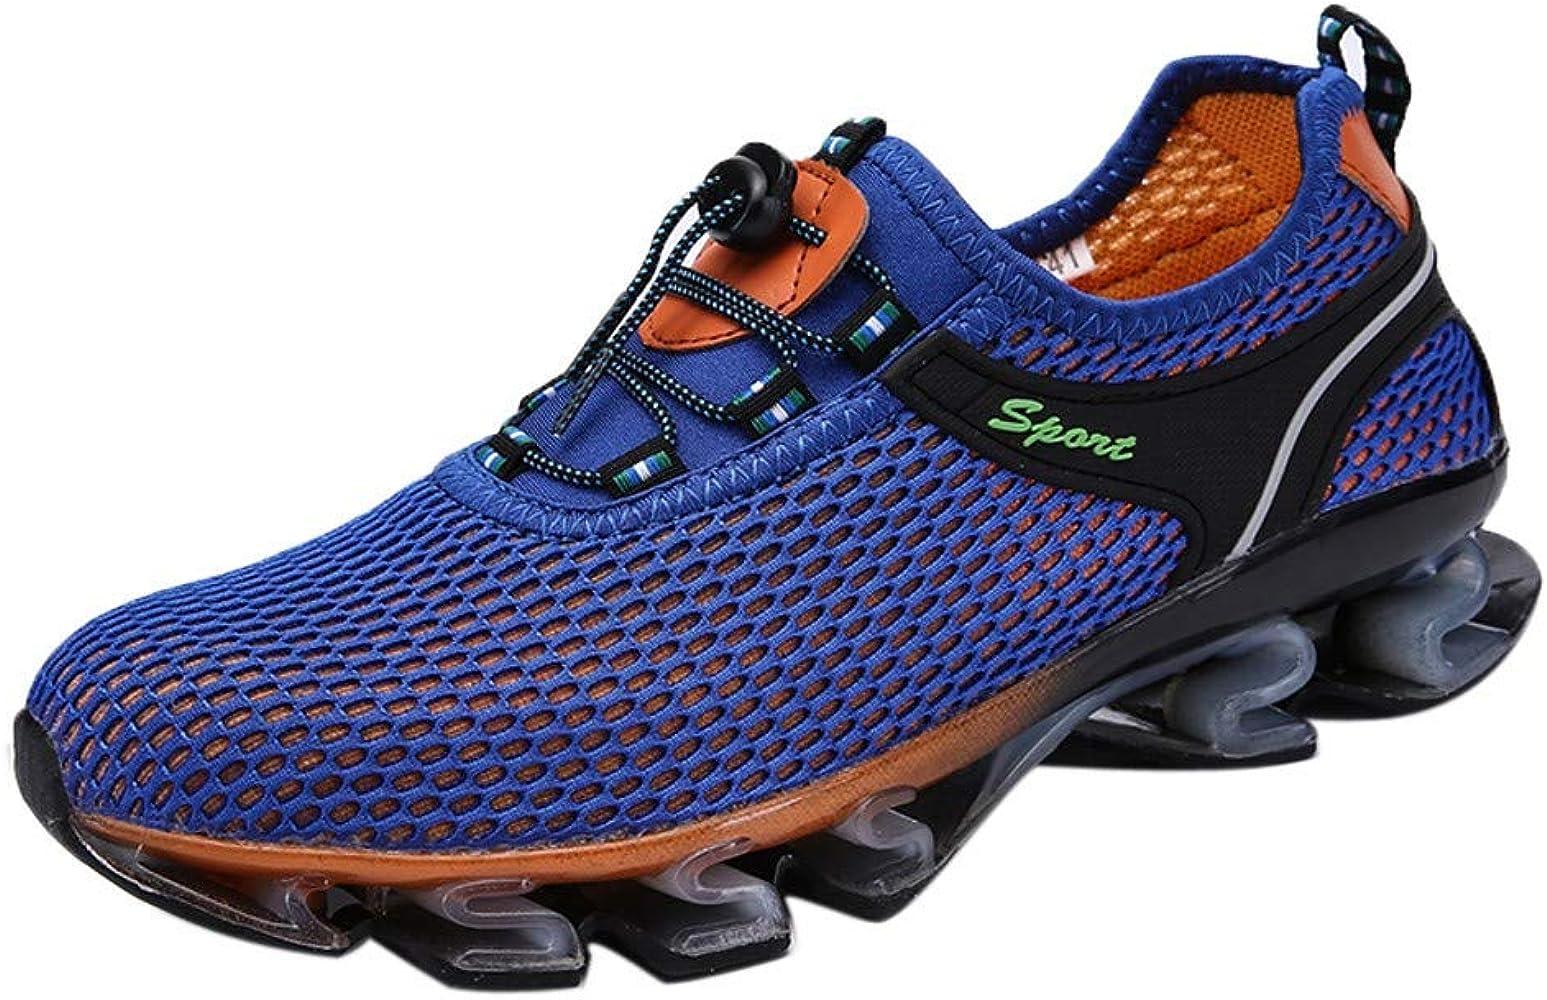 Berimaterry Zapatillas de Running para Mujer Zapatillas de Hockey para césped Turf para Mujeres, Zapatillas Deportivas para Exteriores Correr Air Amortiguación: Amazon.es: Ropa y accesorios